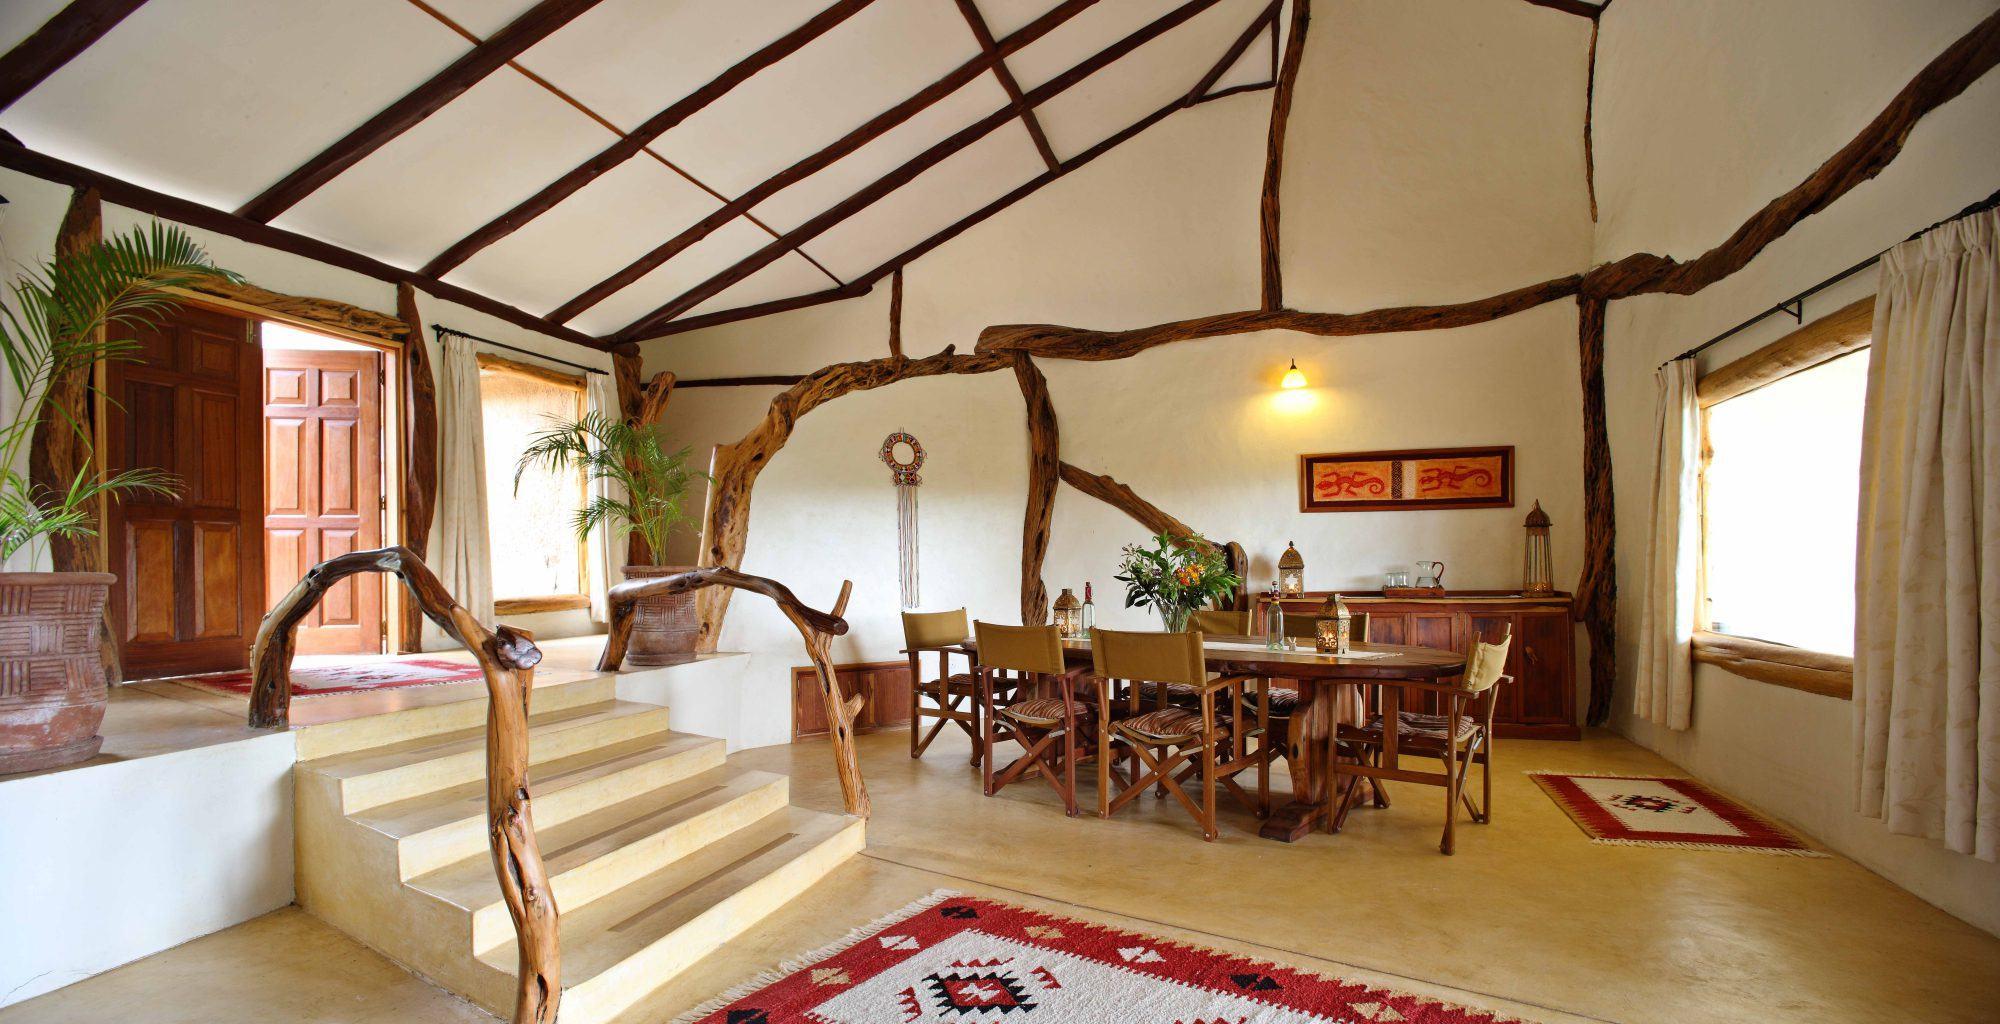 Kenya-Mara-House-Dining